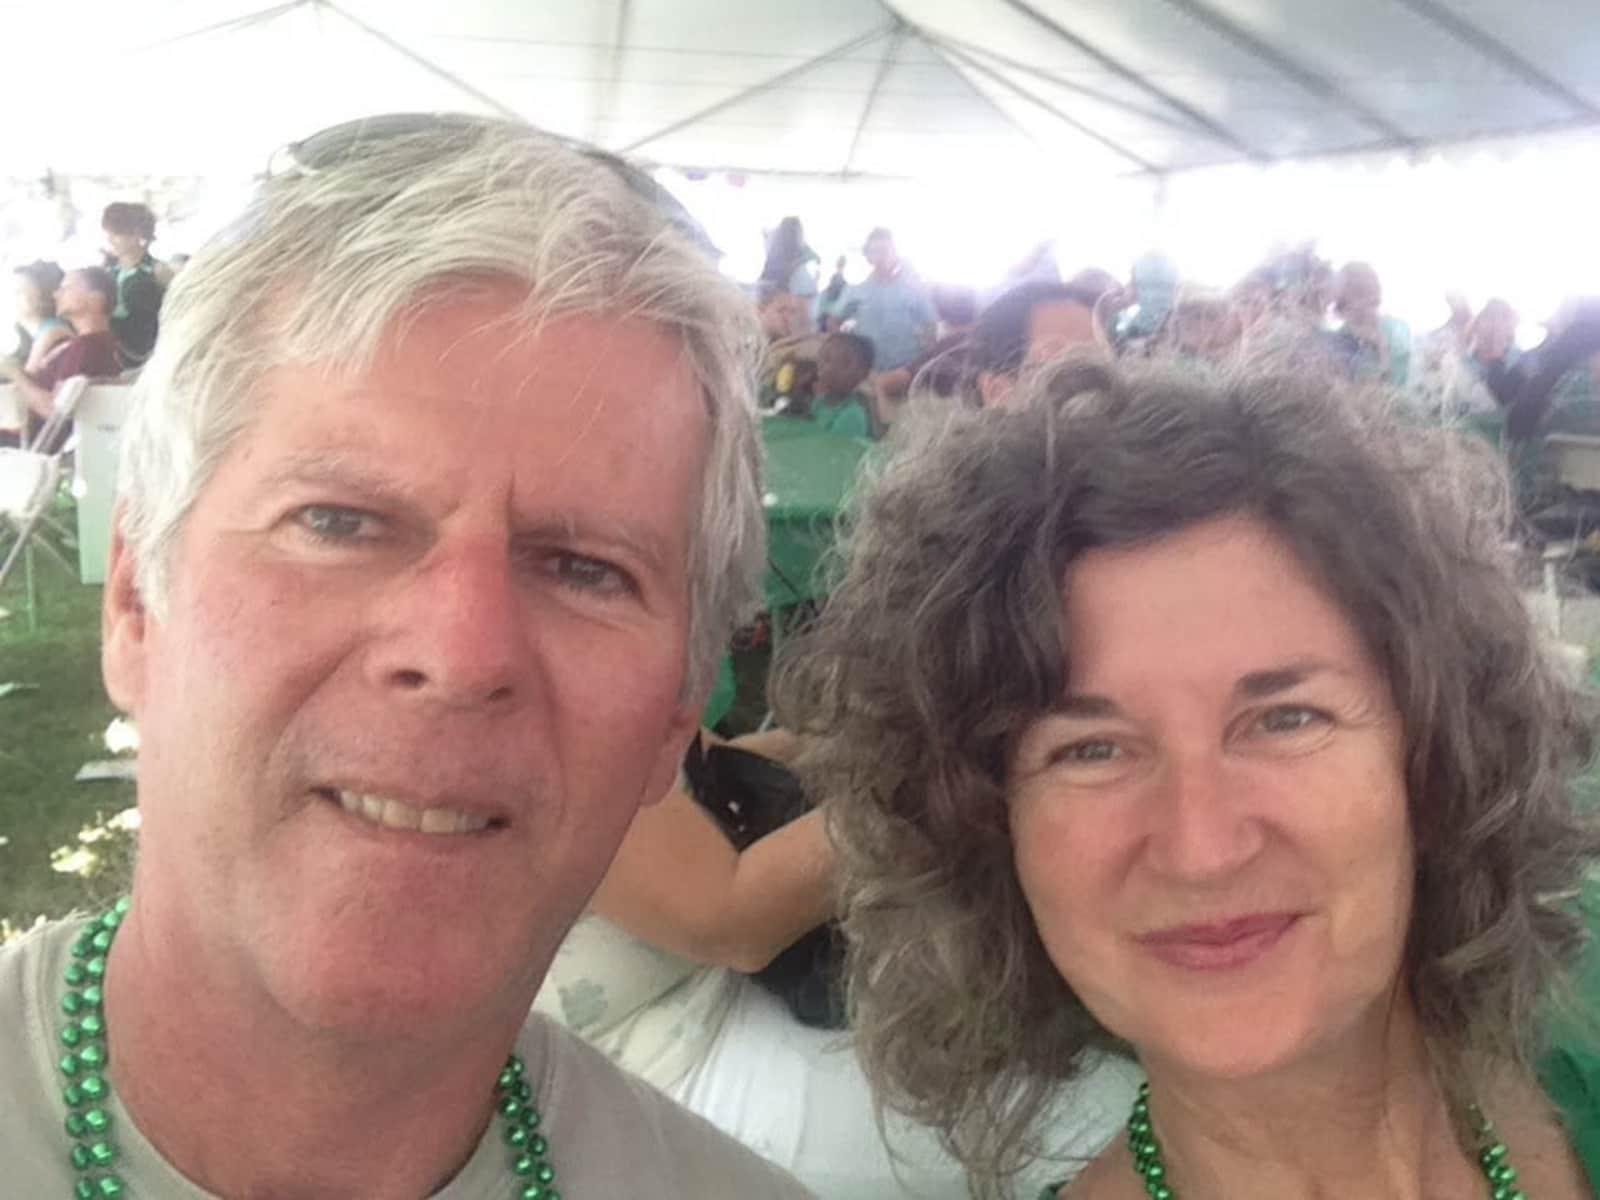 Bob & Sharon from St. Catharines, Ontario, Canada